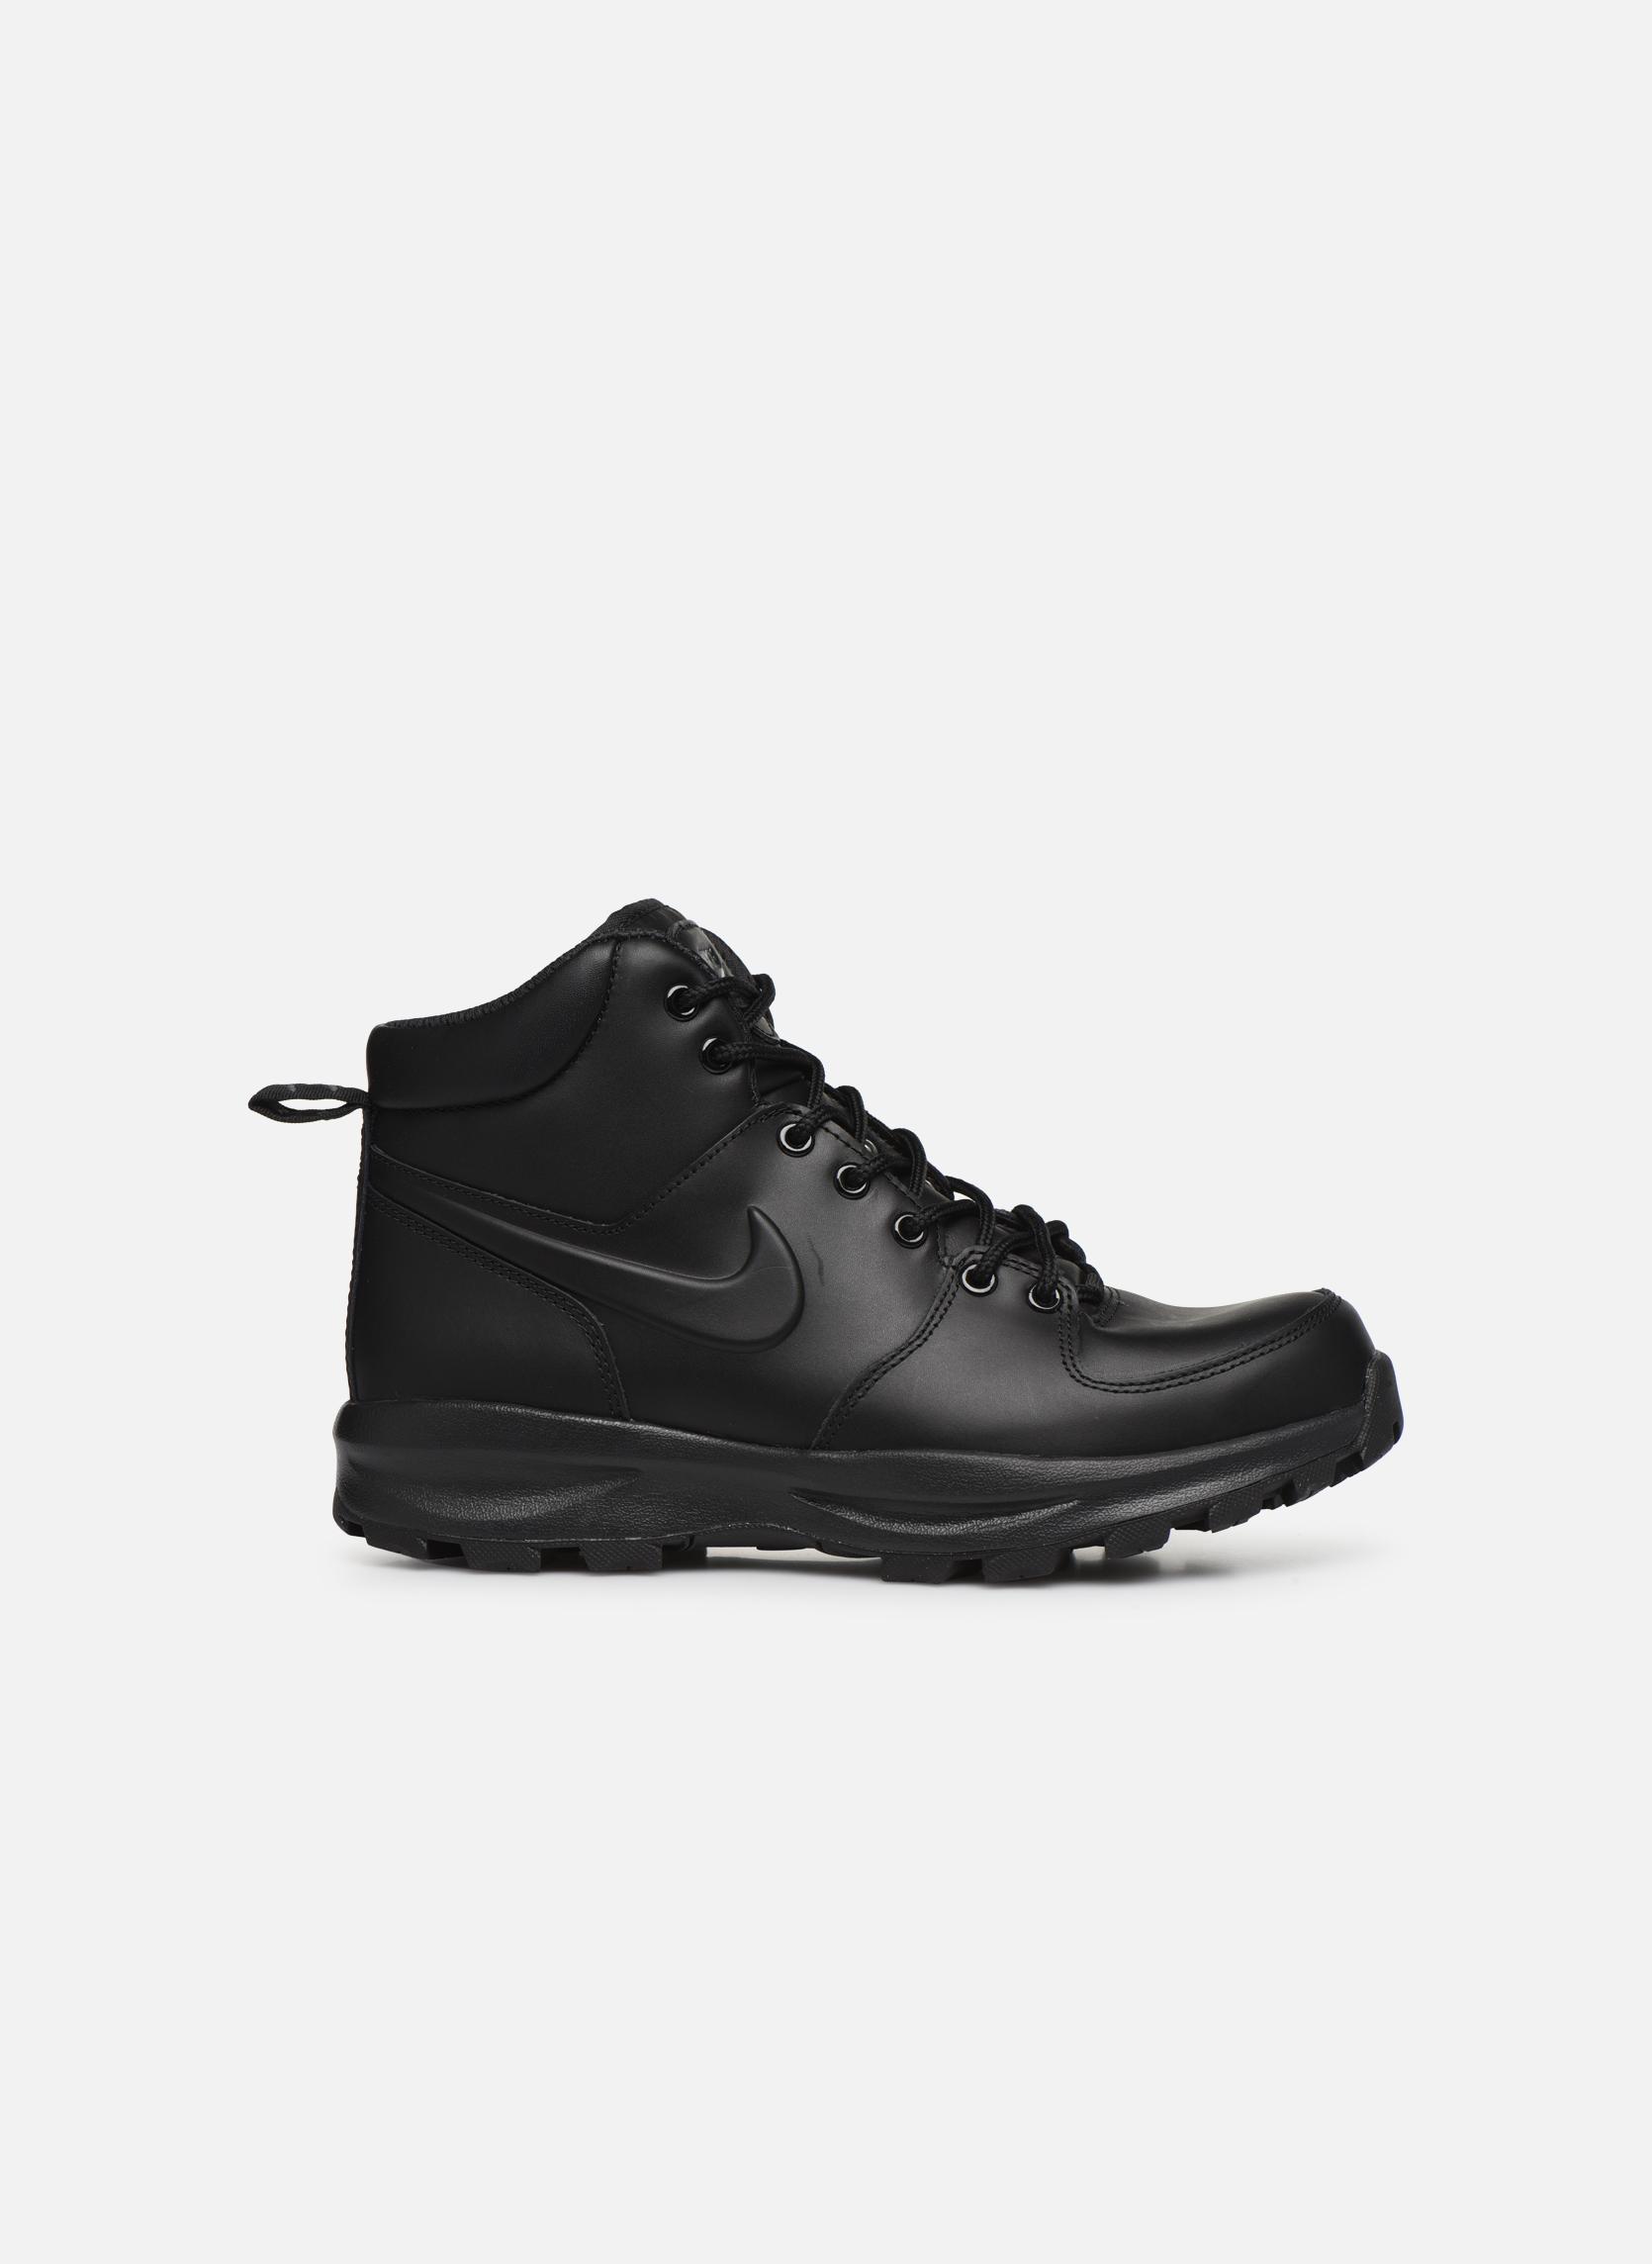 Bottines et boots Nike Manoa leather Noir vue derrière